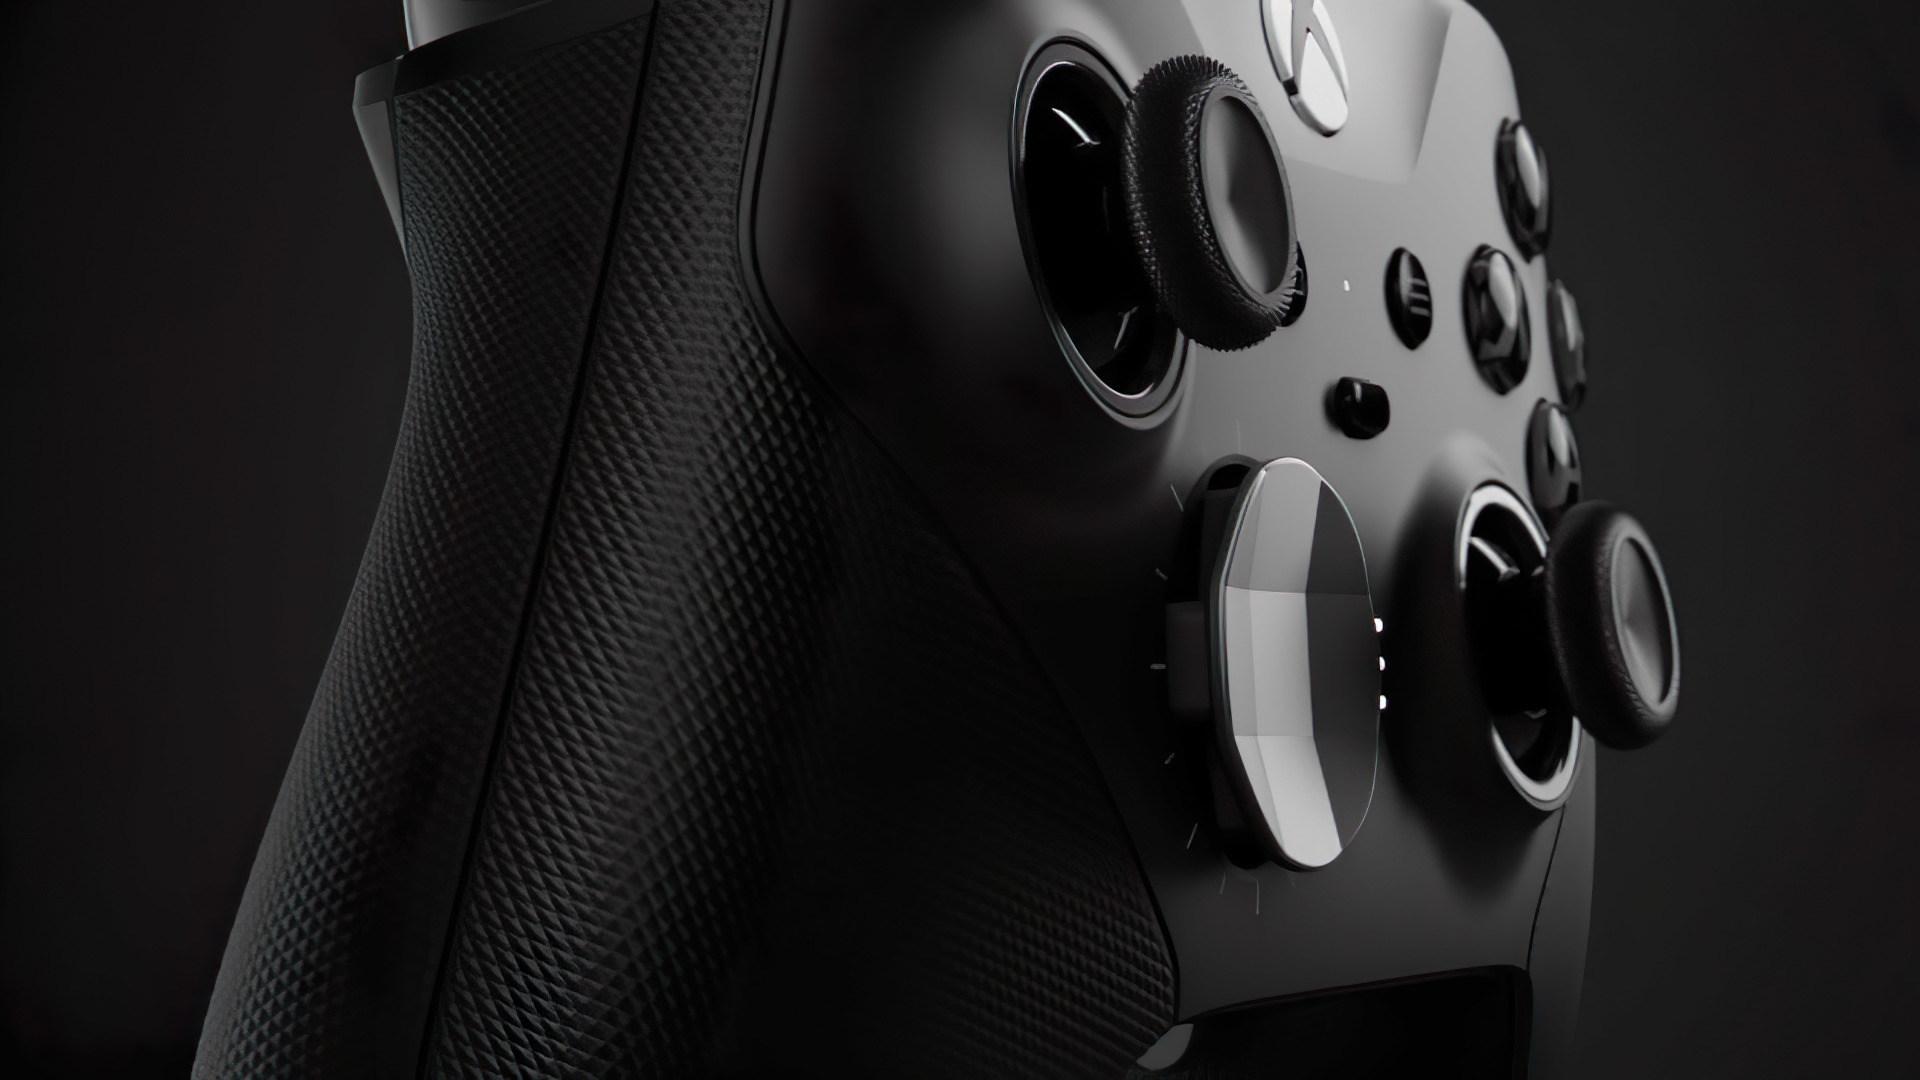 Microsoft, Xbox, Controller, E3 2019, Elite Controller, Xbox Elite Wireless Controller 2